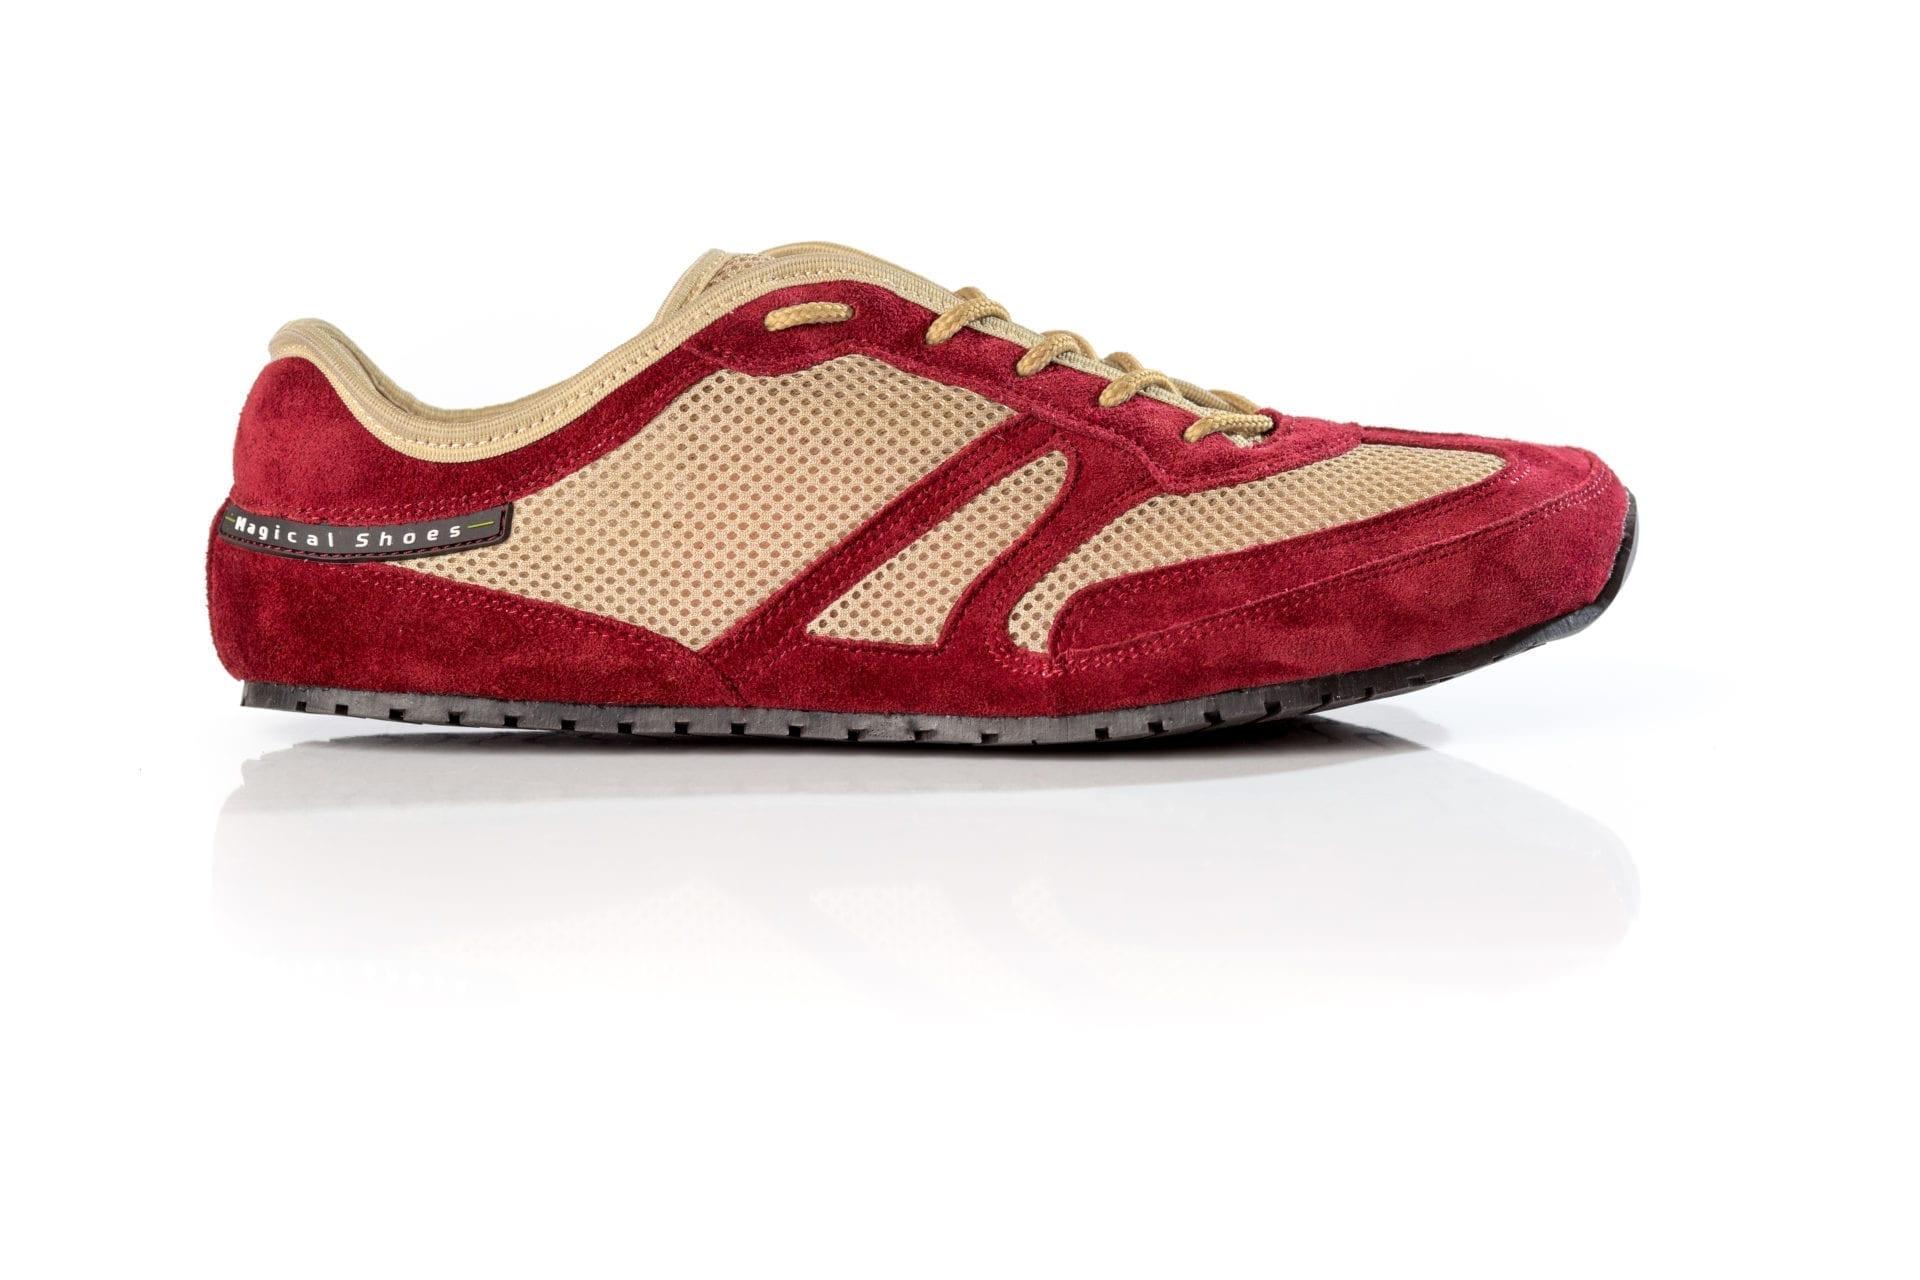 Barfußschuh-Hersteller Magical Shoes Explorer Fruity Claret  Barfußschuhe für natürliches und gesundes Gehen & Laufen zero dorp